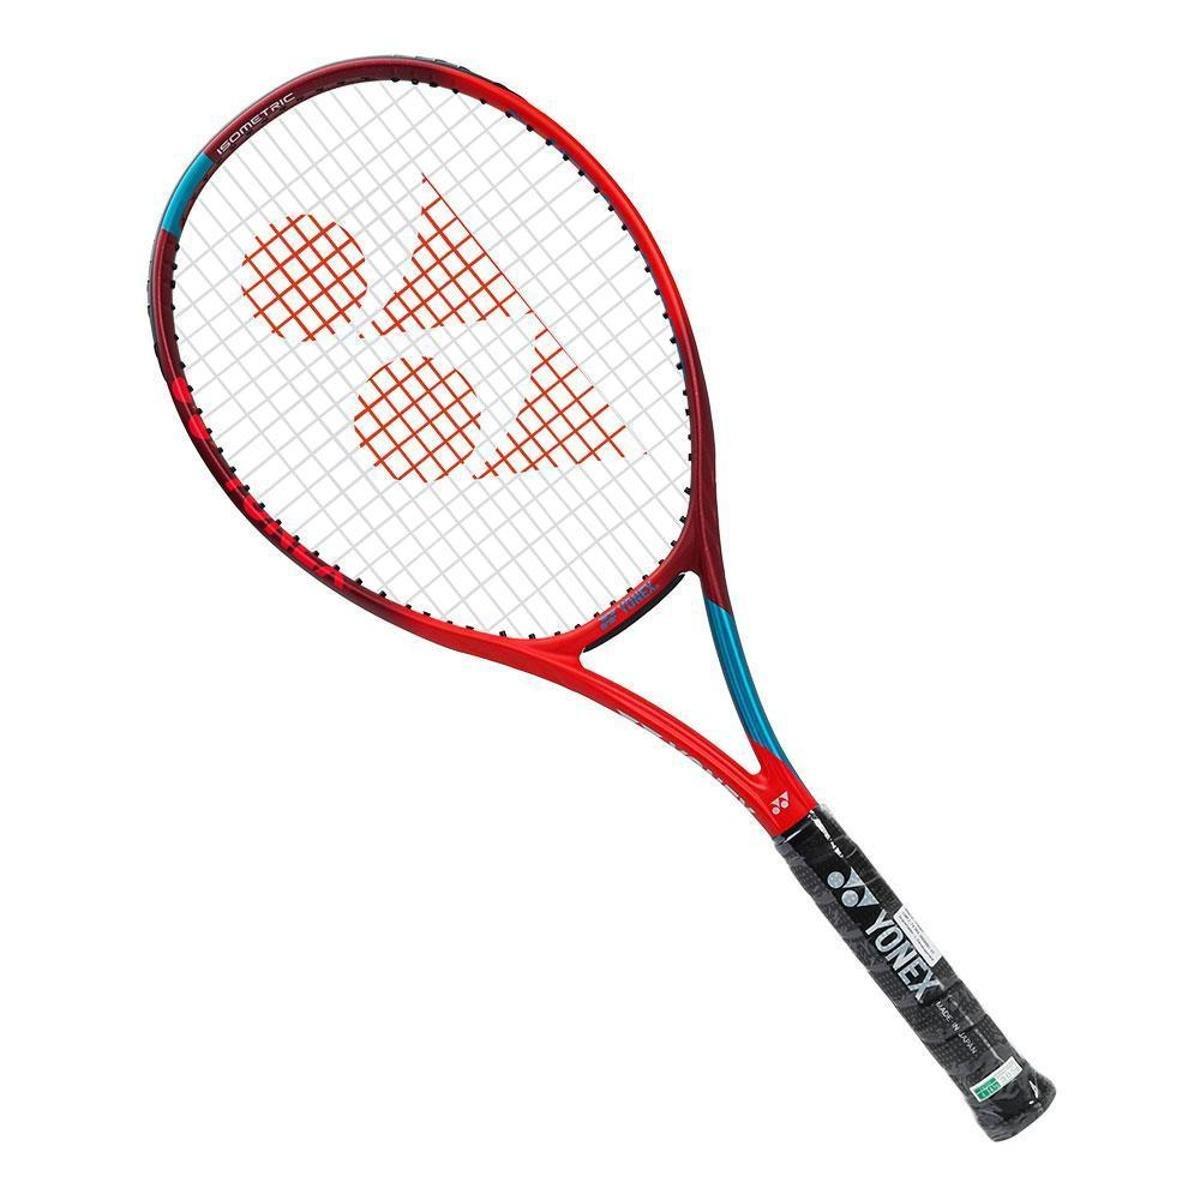 Raquete de Tênis Yonex Vcore 98 305g 2021 Vermelha